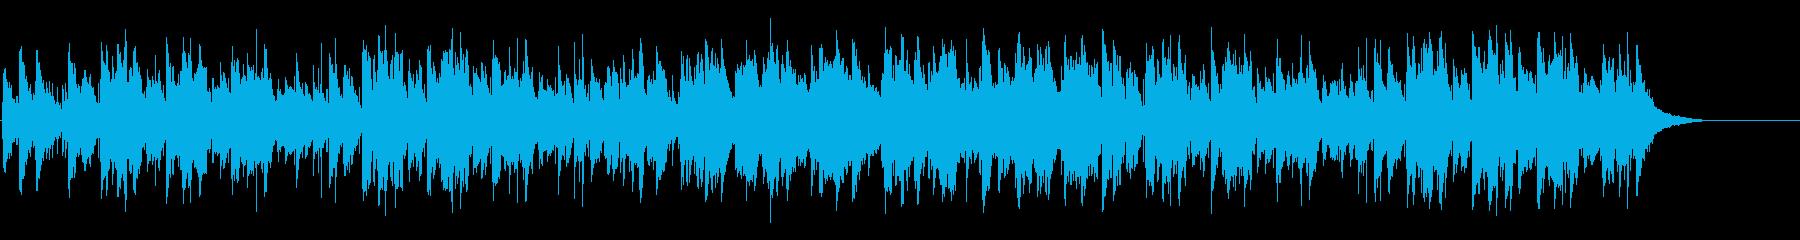 アダルトでゆるやかなマイナーフュージョンの再生済みの波形